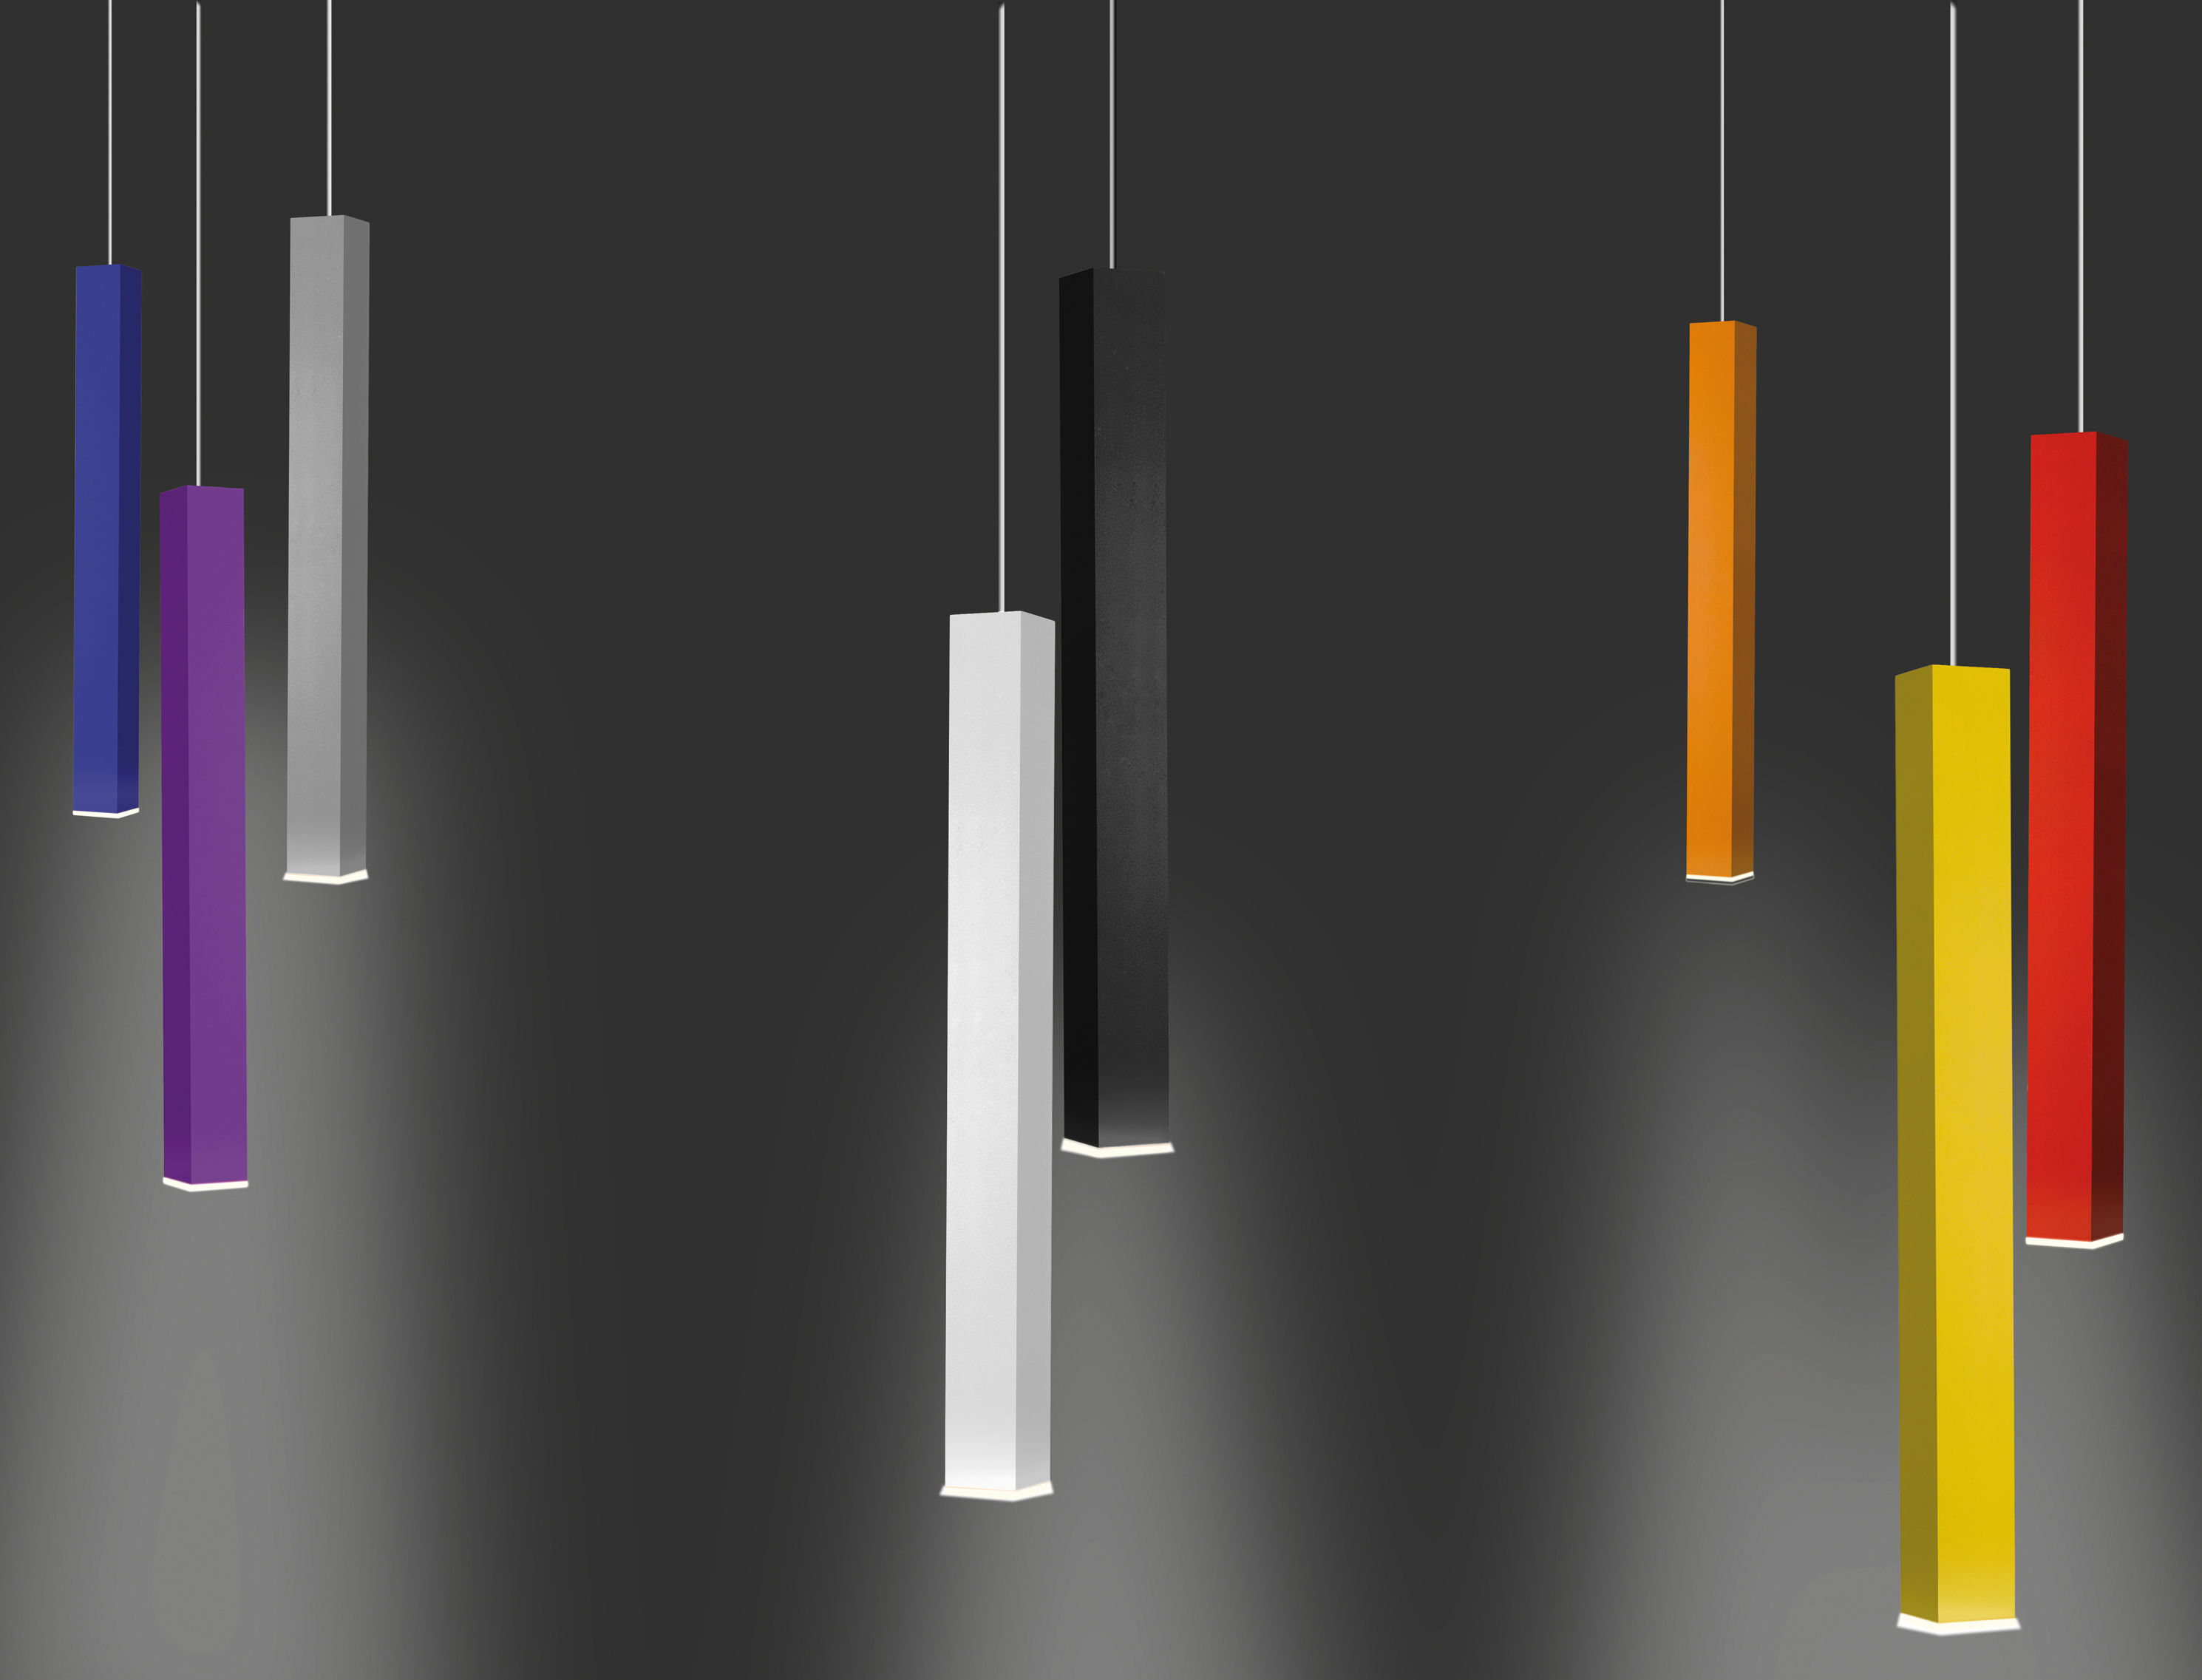 miyako led version danese pendelleuchte. Black Bedroom Furniture Sets. Home Design Ideas